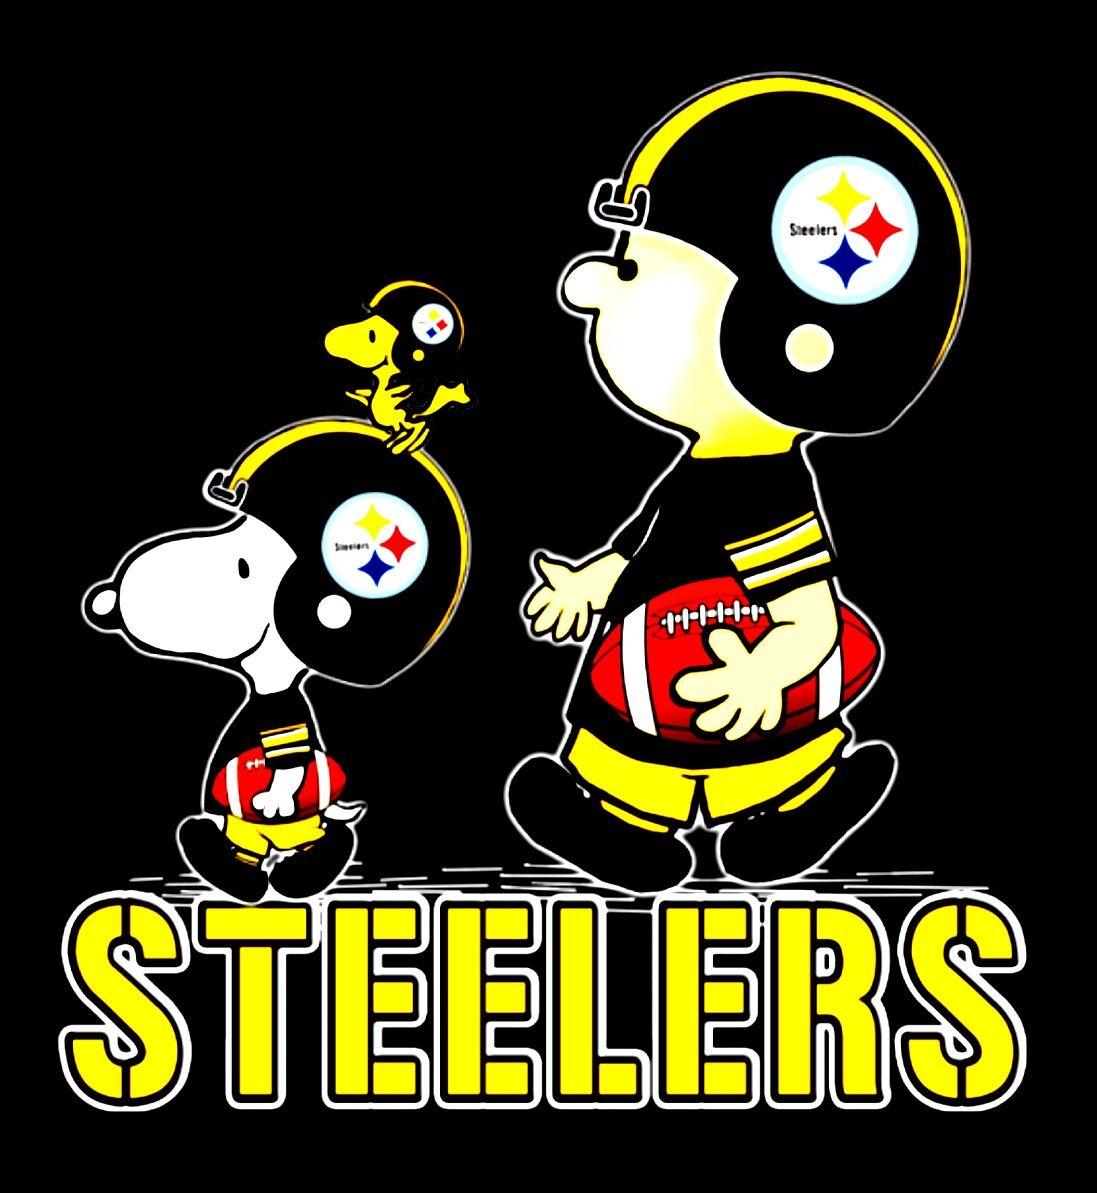 Pin By John Astleford On Steelers Cartoon Movie Characters Pittsburgh Steelers Funny Steelers Pittsburg Steelers [ 1193 x 1097 Pixel ]